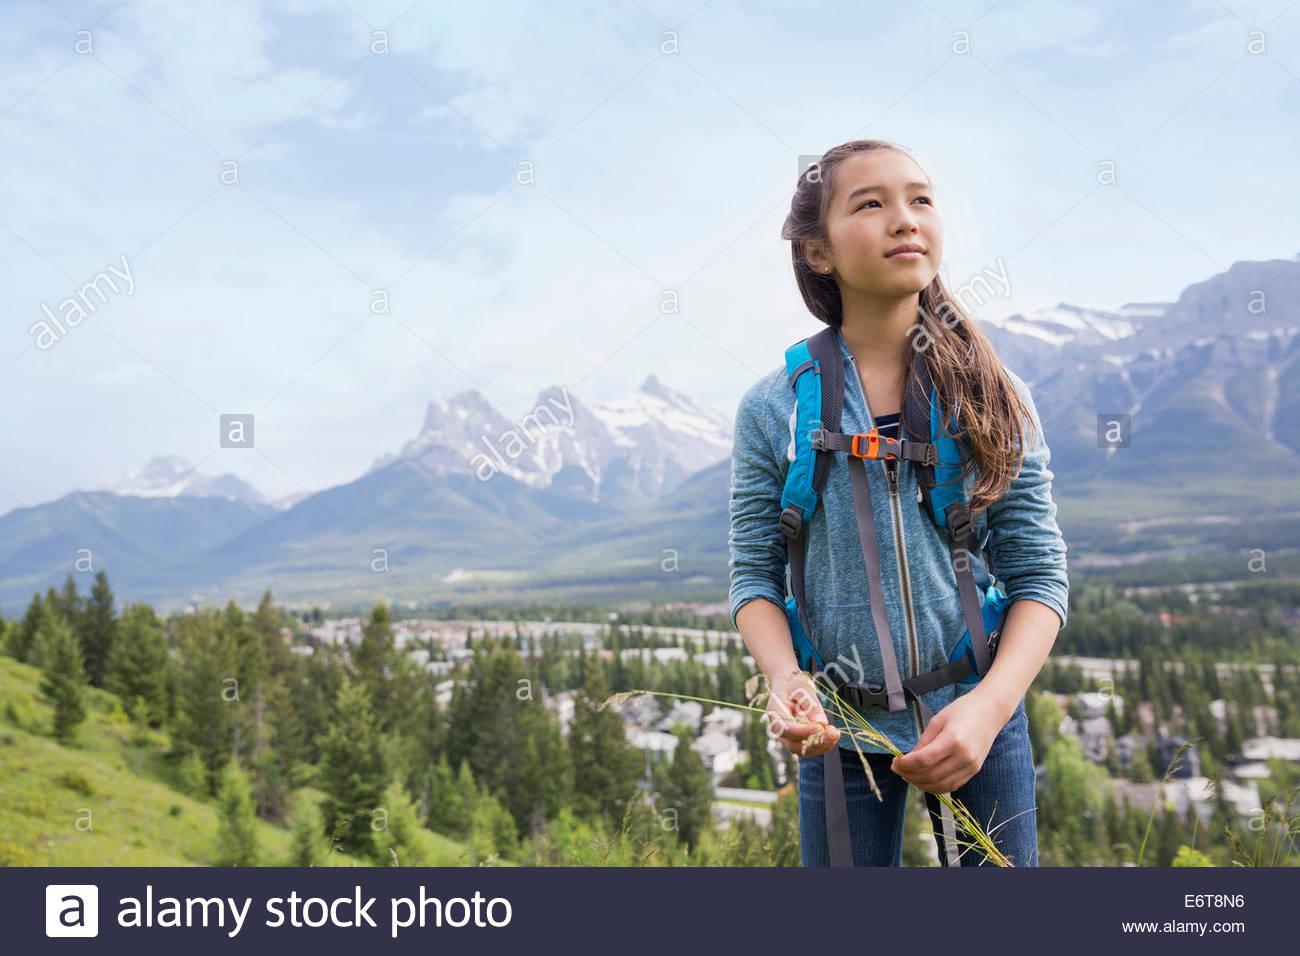 Girl examining plants on rural hillside - Stock Image